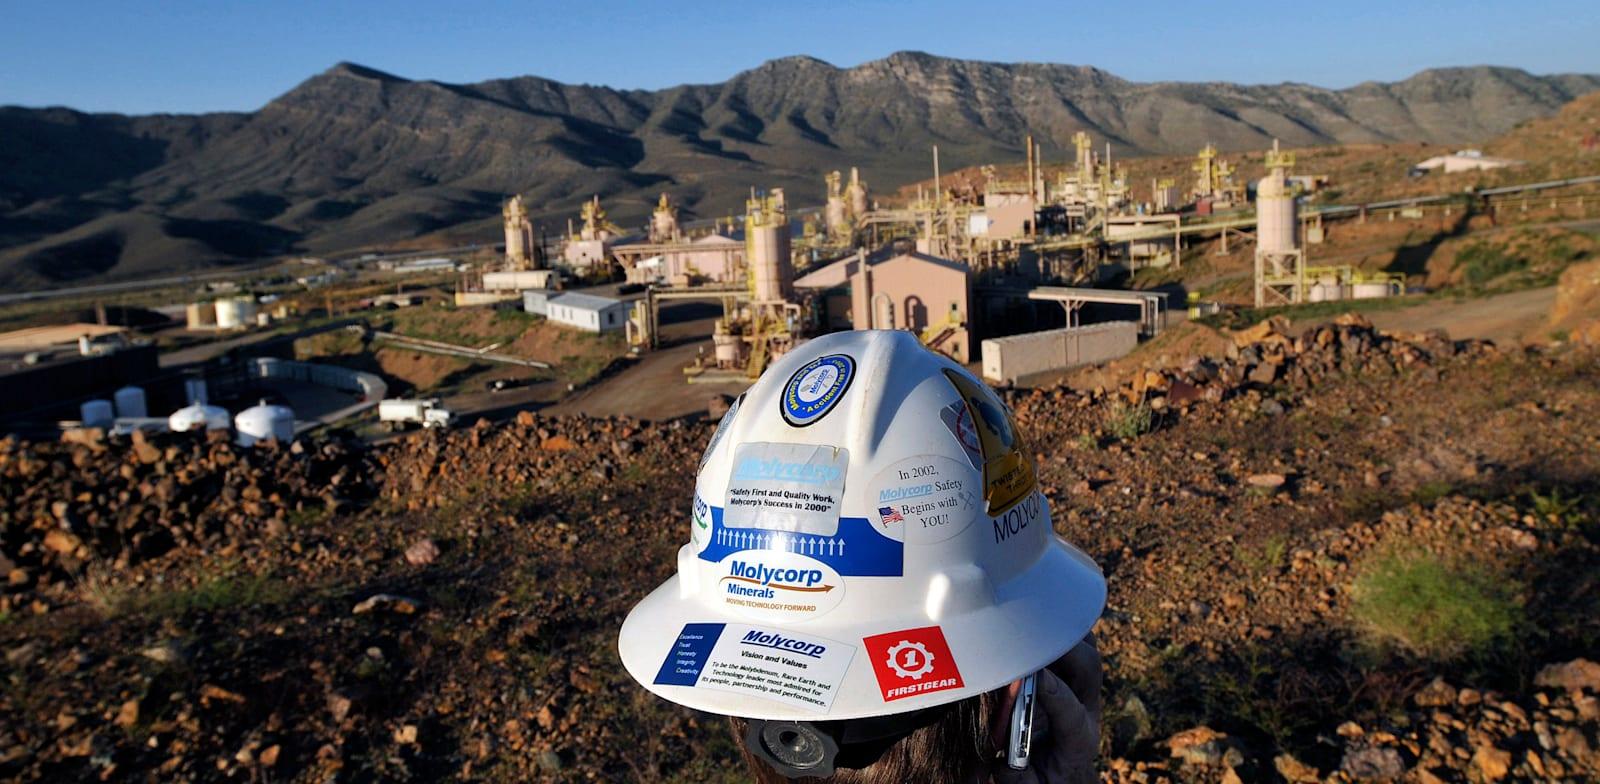 """מכרה מתכות יקרות בקליפורניה, ארה""""ב / צילום: Reuters, David Becker"""